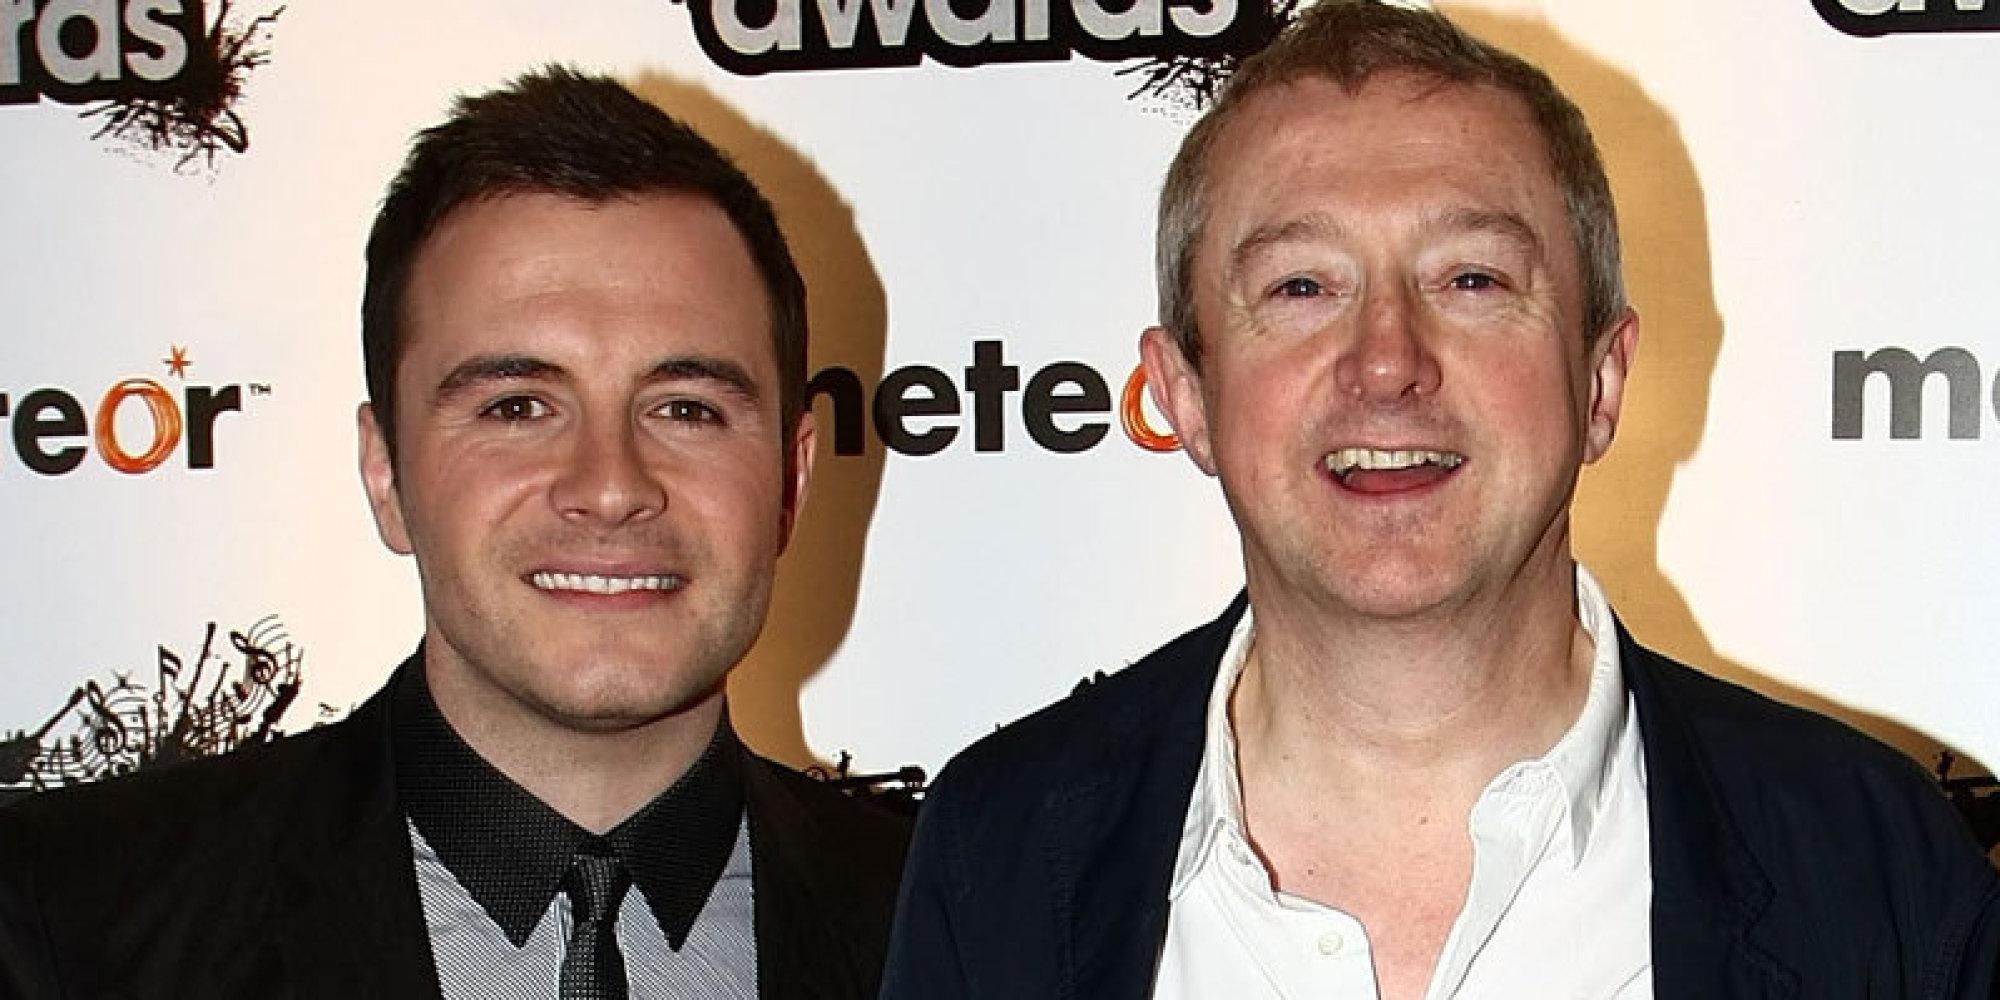 Shane Filan Reveals 'X Factor' Judge Louis Walsh 'Slapped